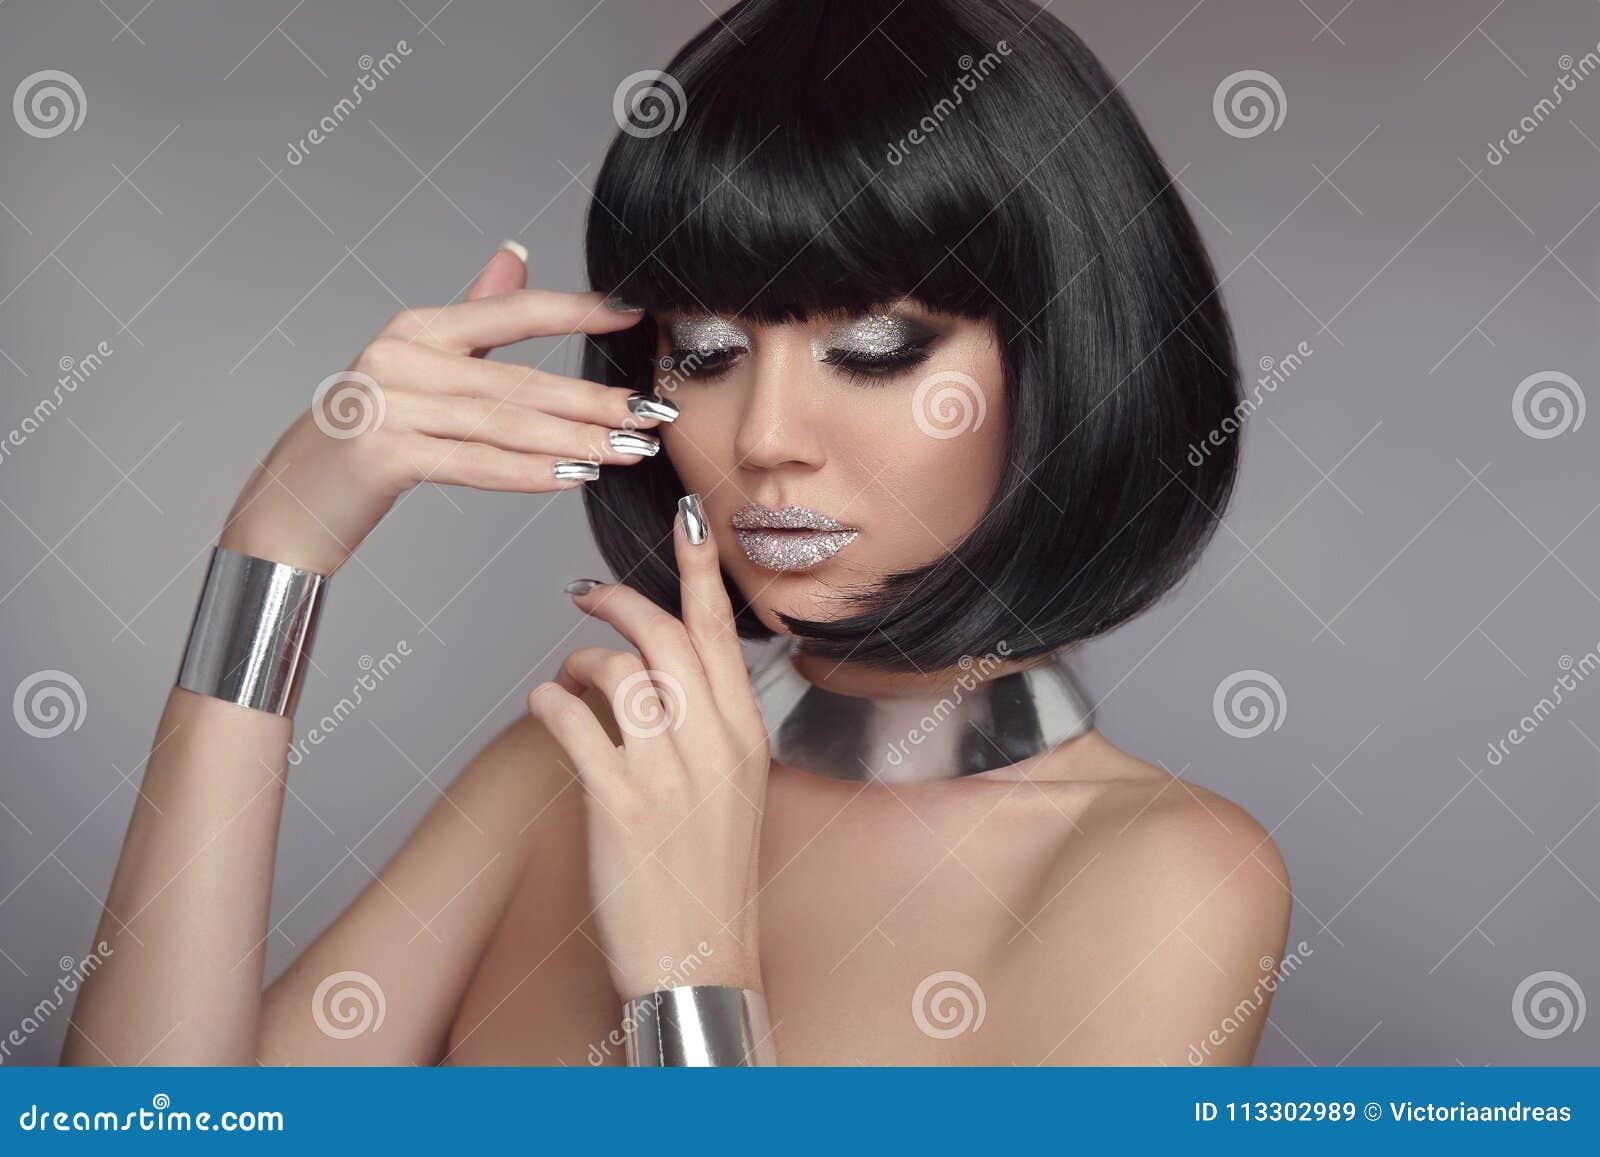 Cabello corto negro con plata